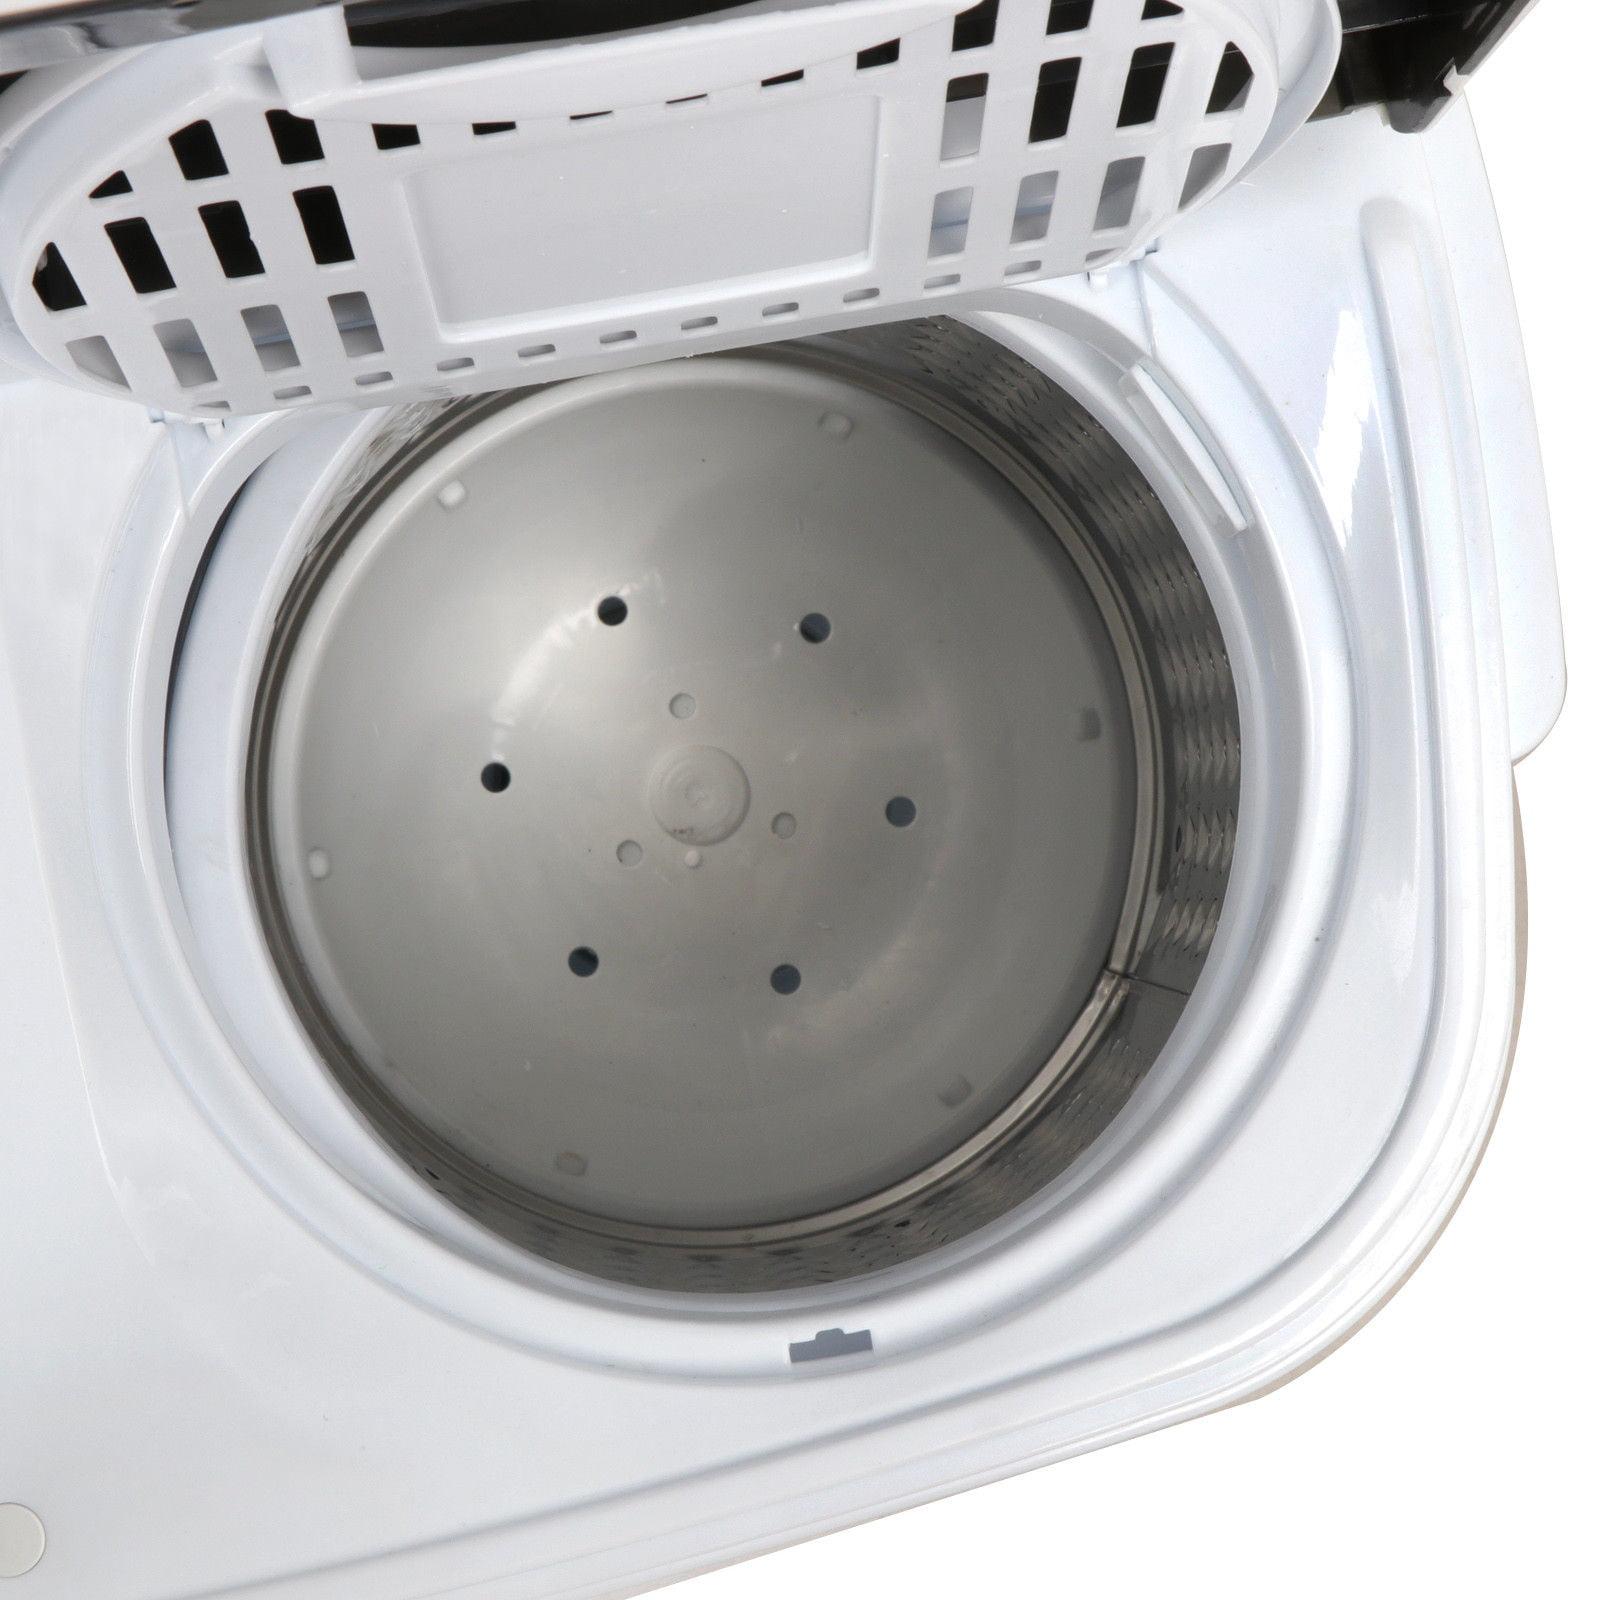 Ge Washing Machine Motor Wiring Diagram Besides Front Load Washing